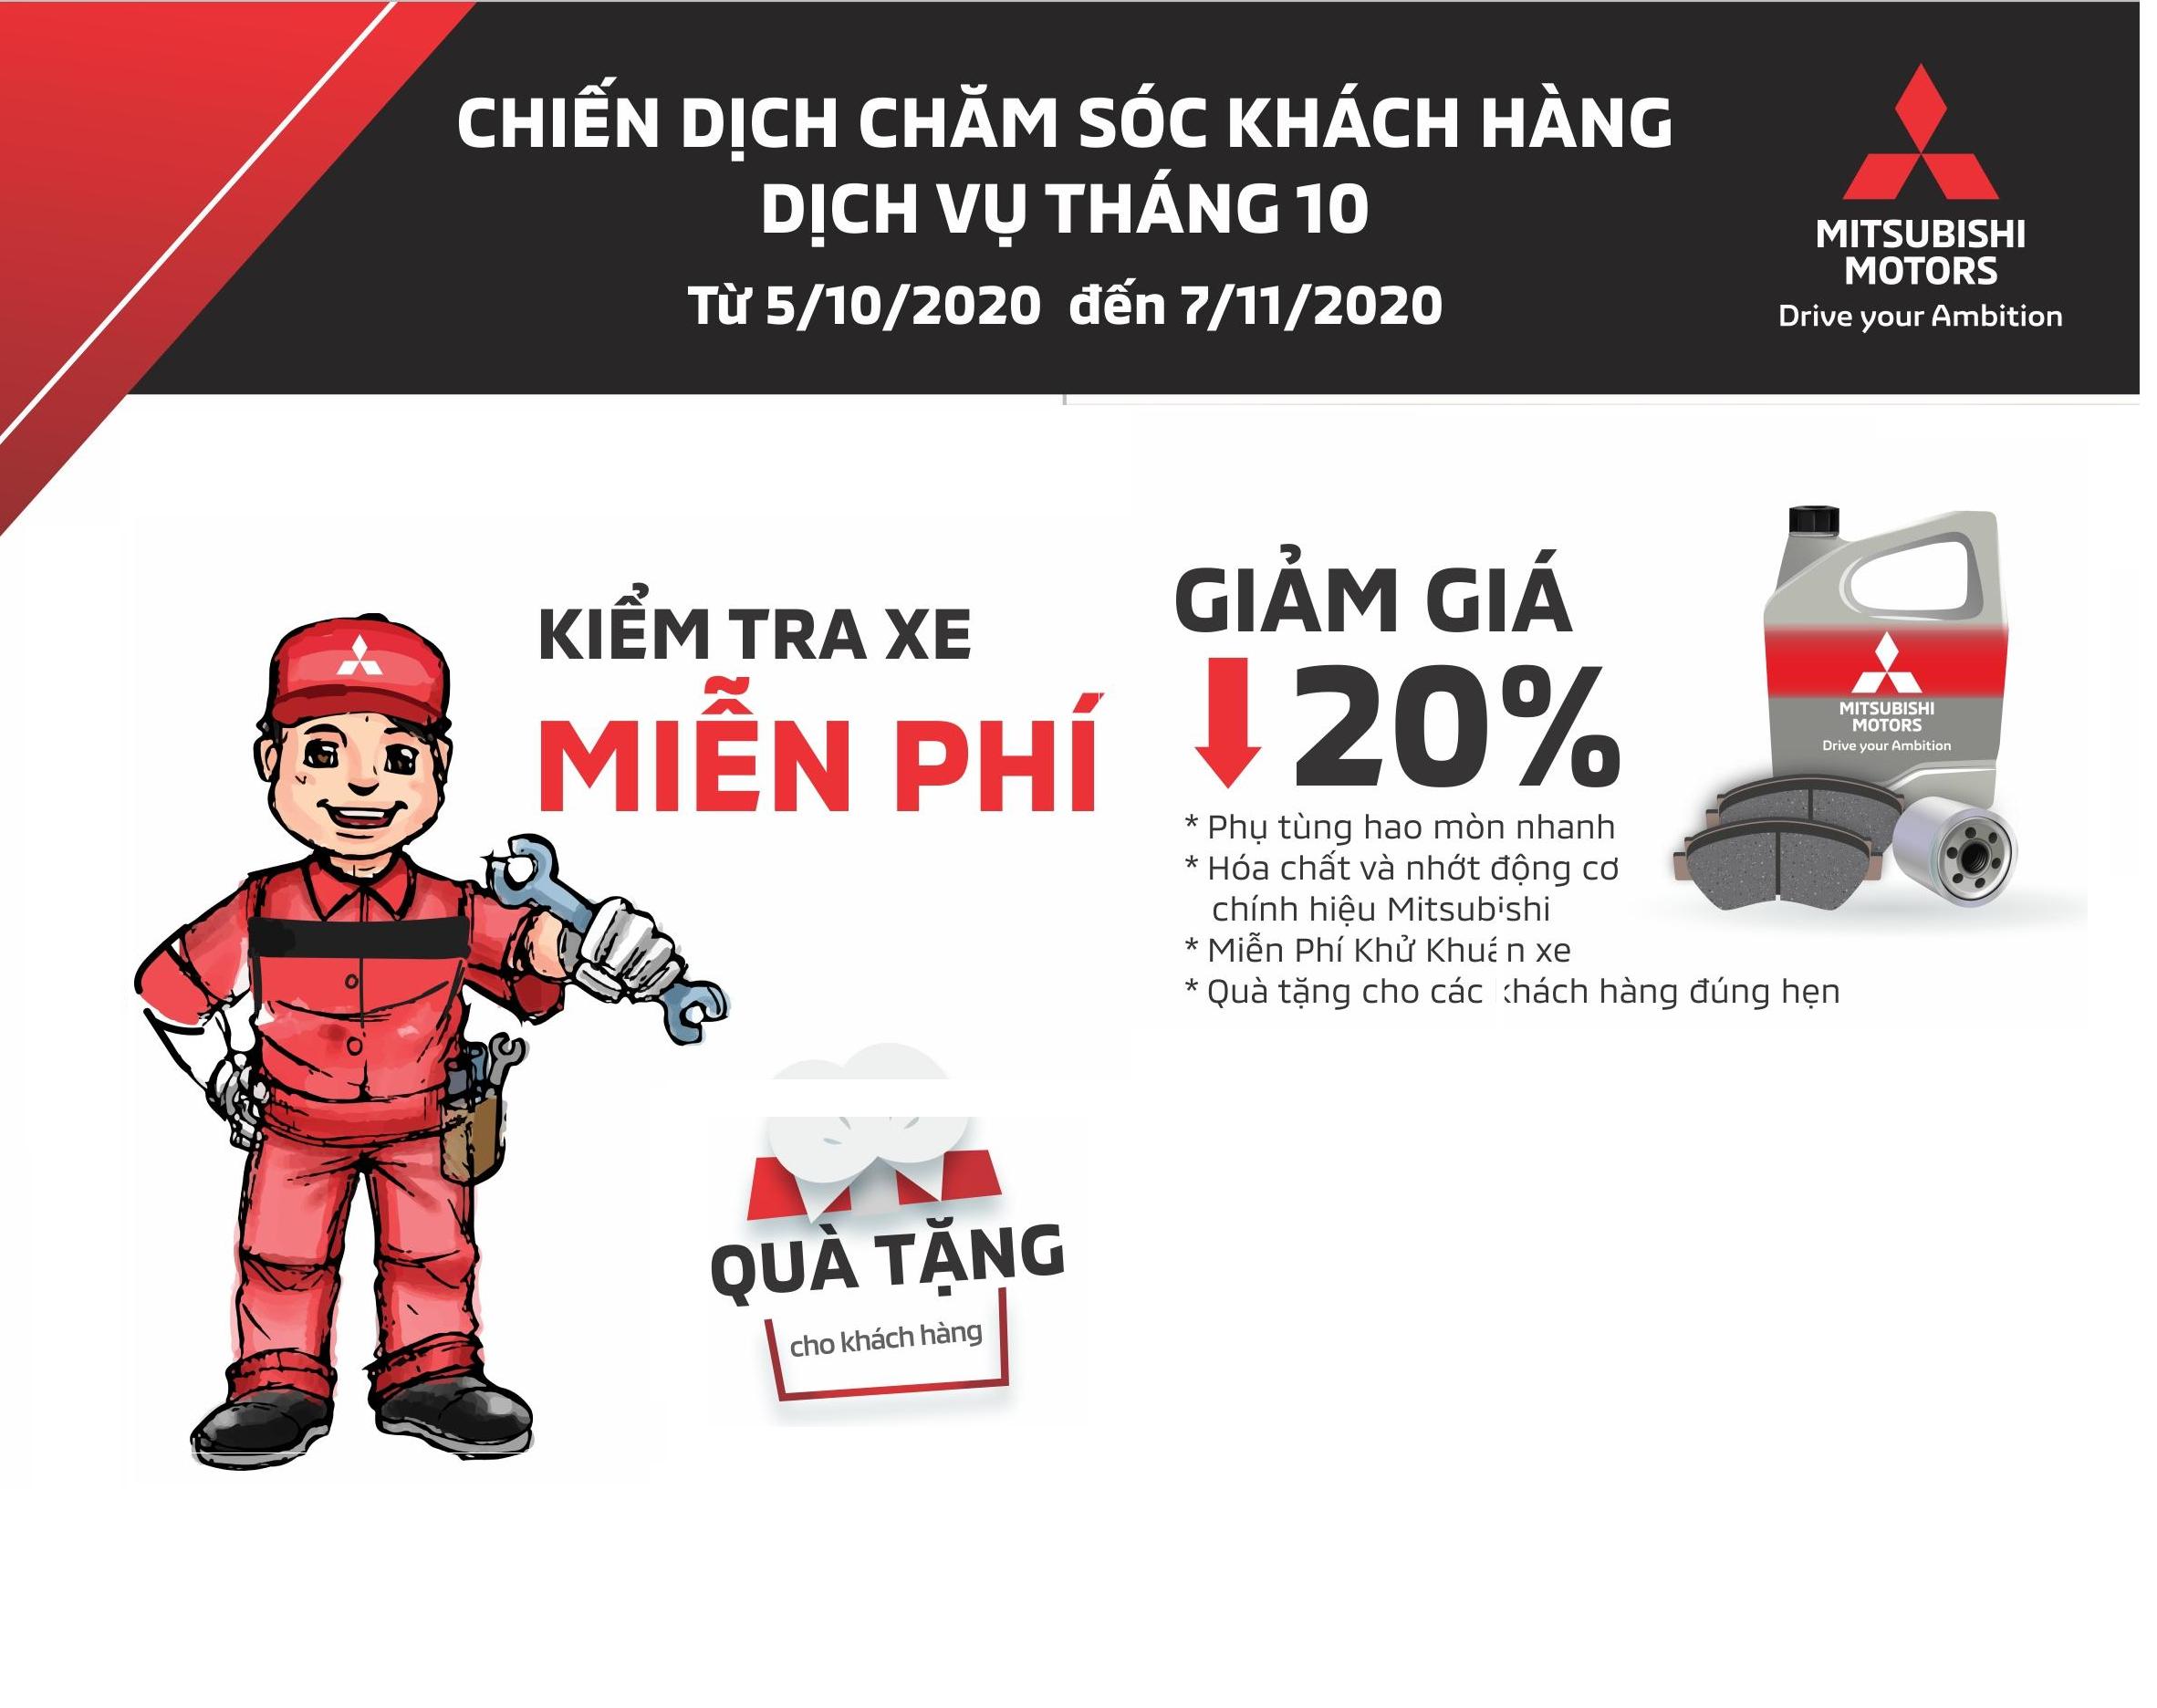 Chiến dịch chăm sóc khách hàng tại Mitsubishi Phú Thọ tháng 10/2020